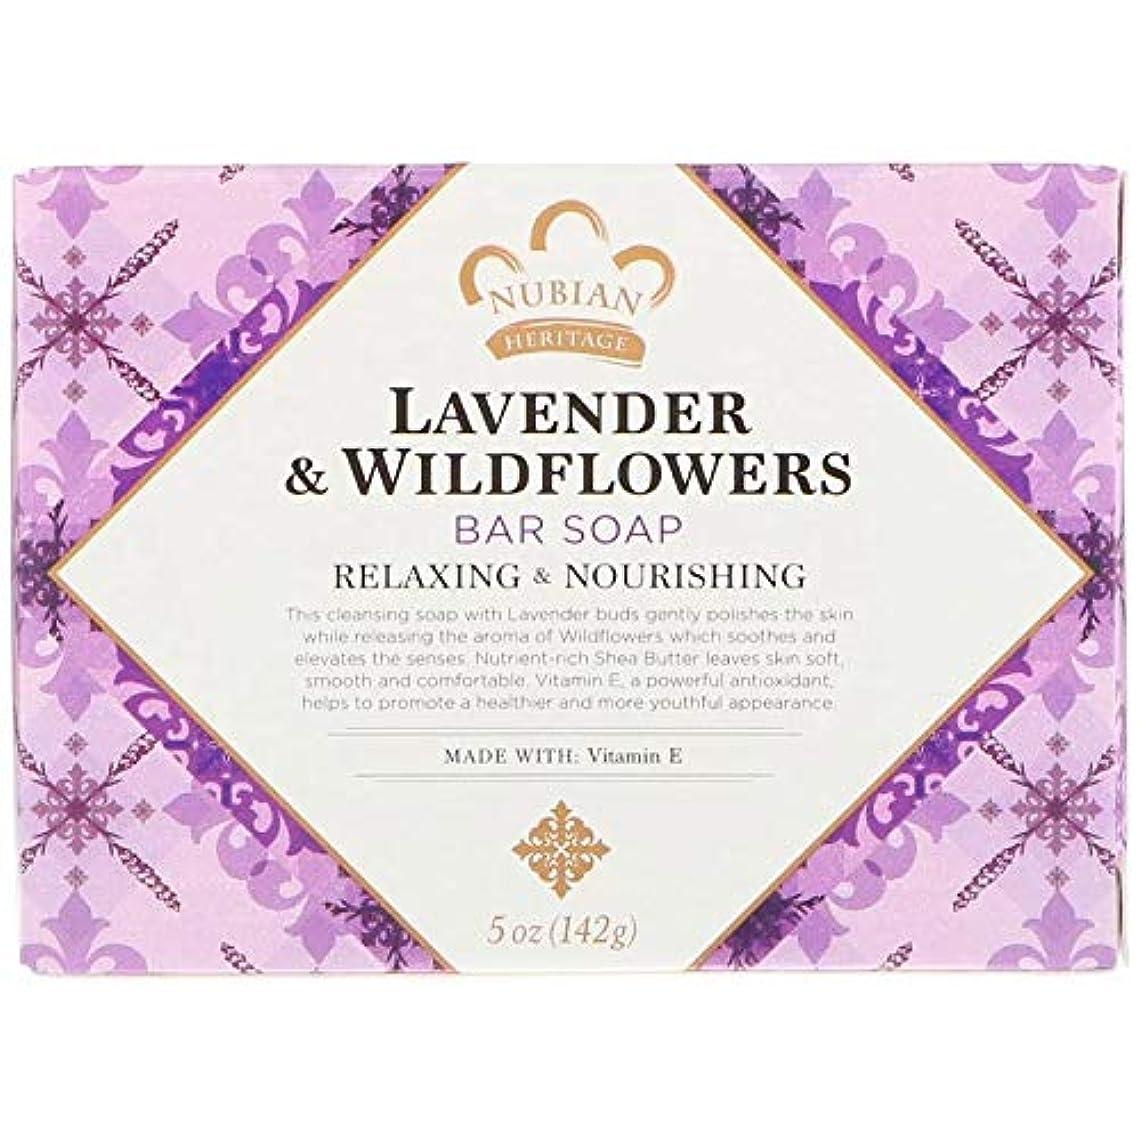 誇張する申請中困惑シアバターソープ石鹸 ラベンダー&ワイルドフラワー Lavender & Wildflowers Bar Soap, 5 oz (142 g) [並行輸入品]